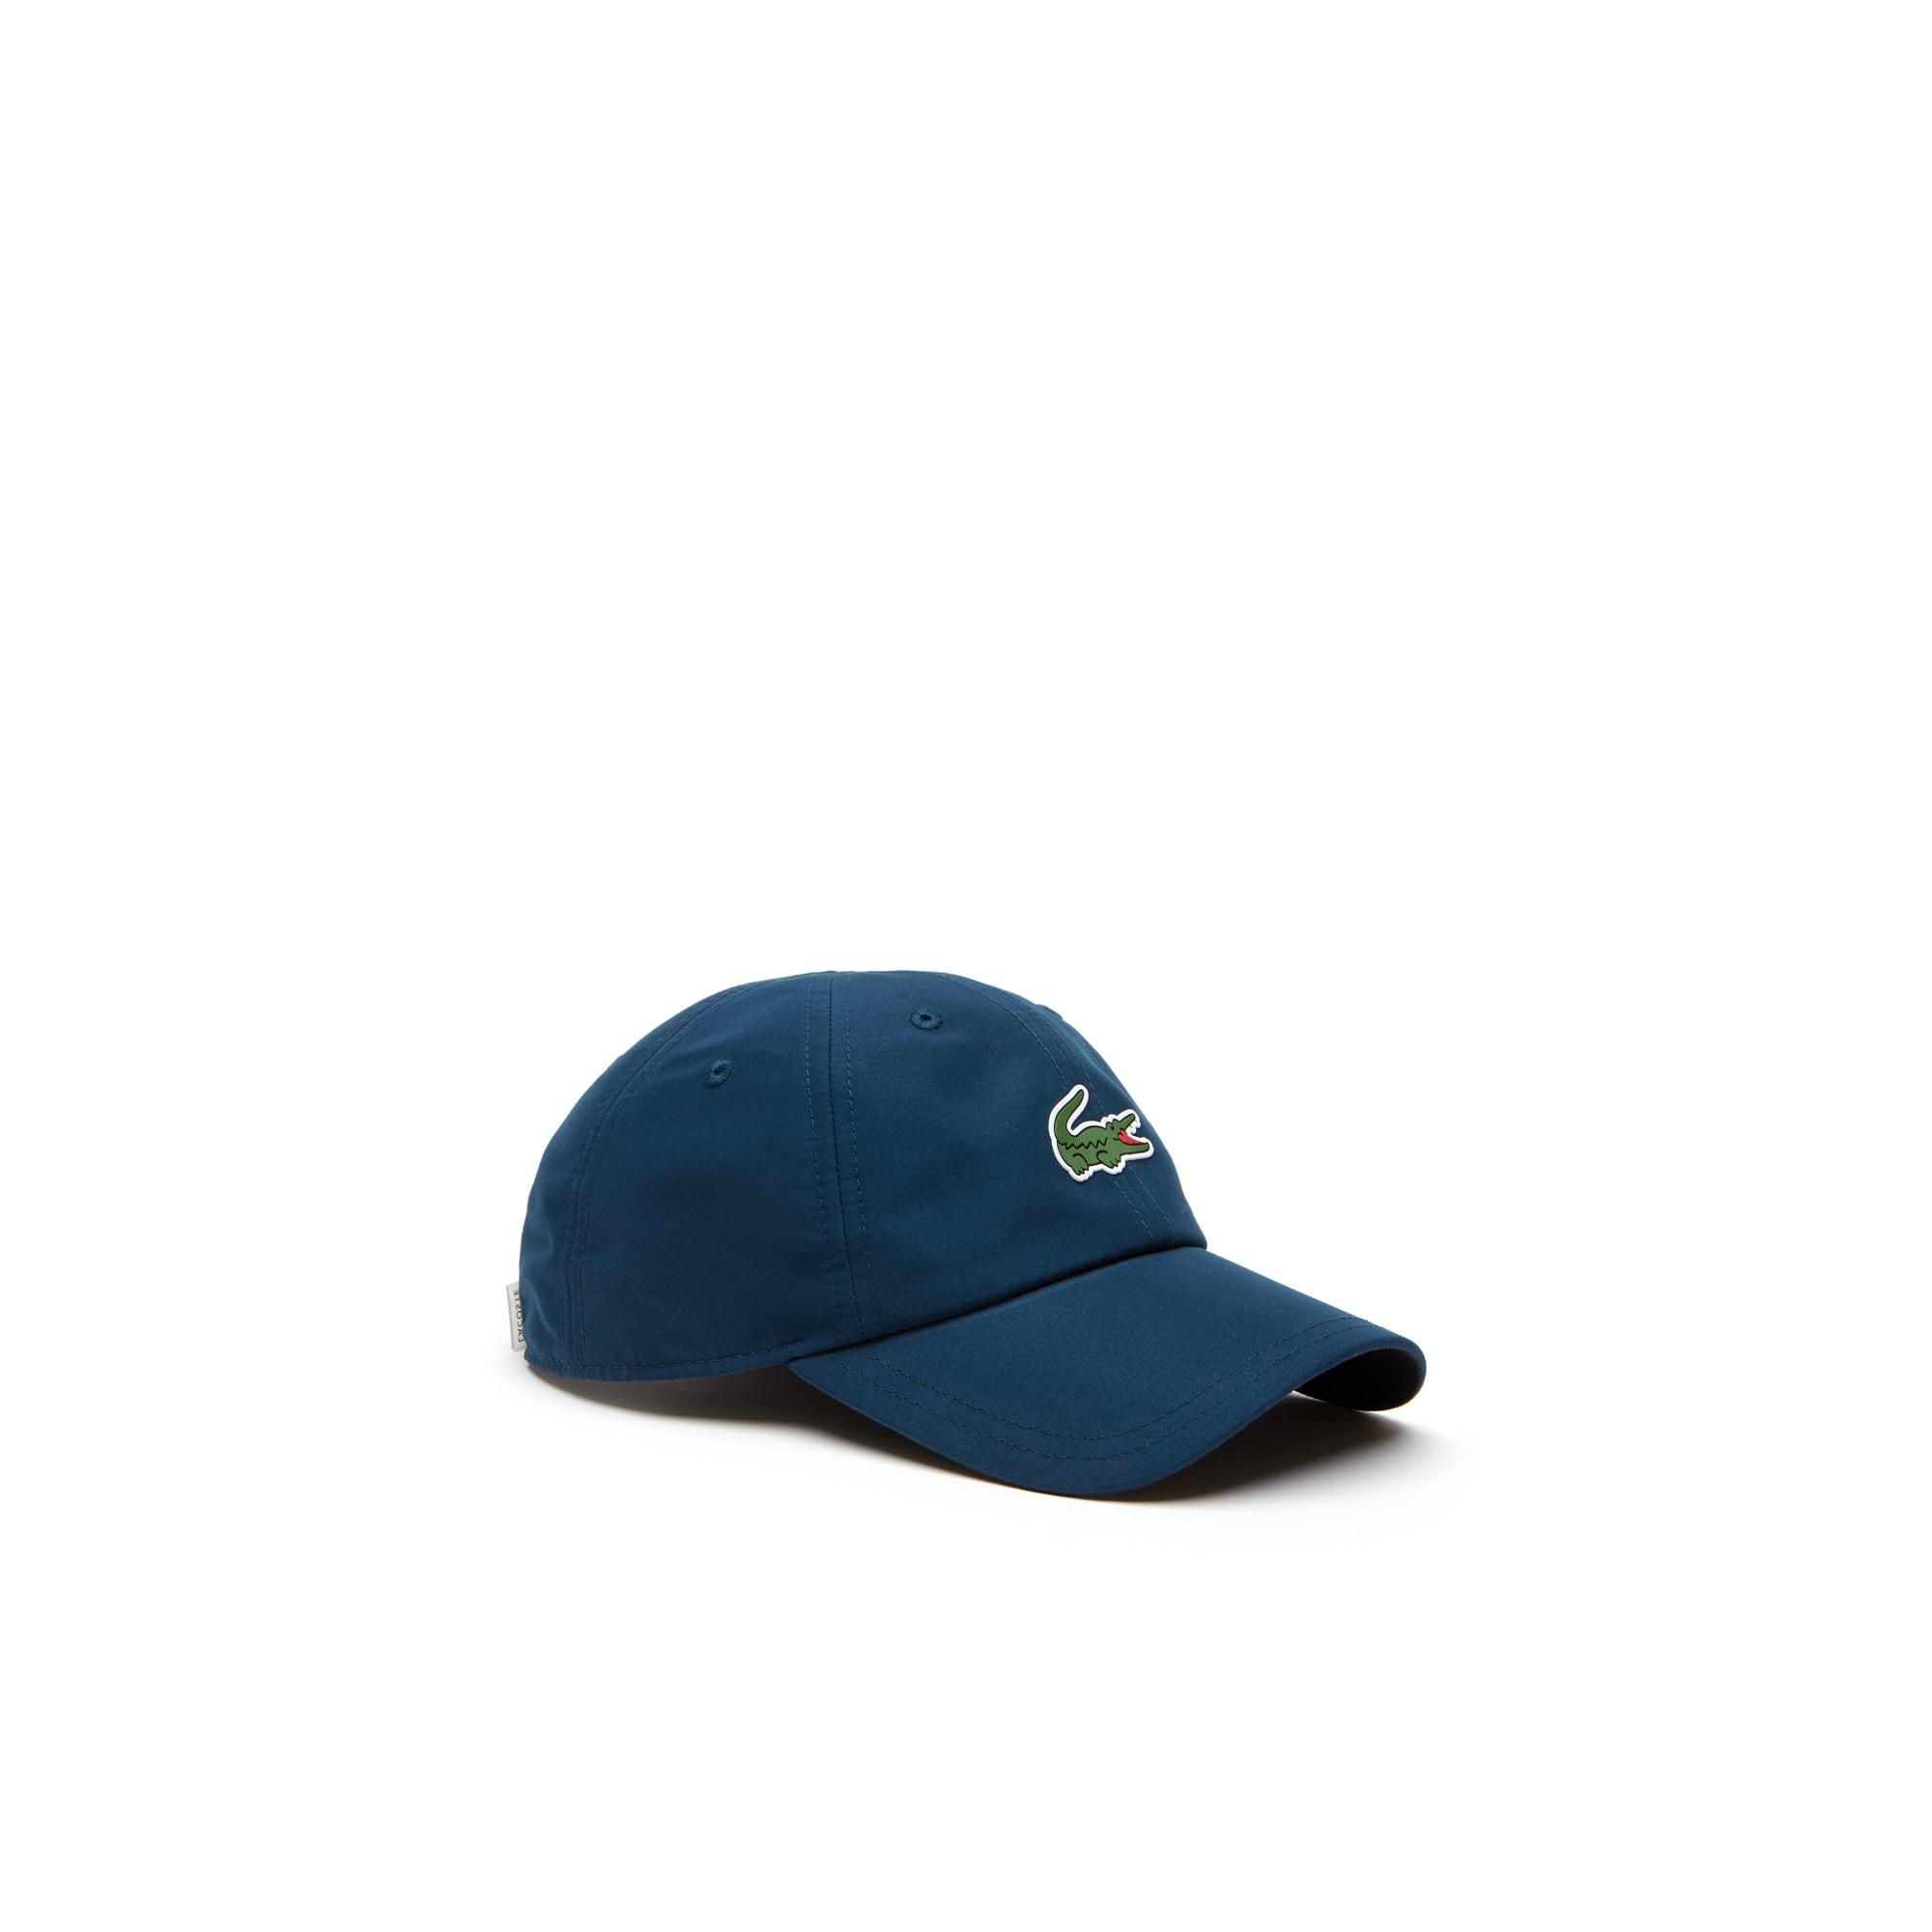 라코스테 Lacoste Mens SPORT Microfiber Cap - x Novak Djokovic On Court Premium Edition,blue / black